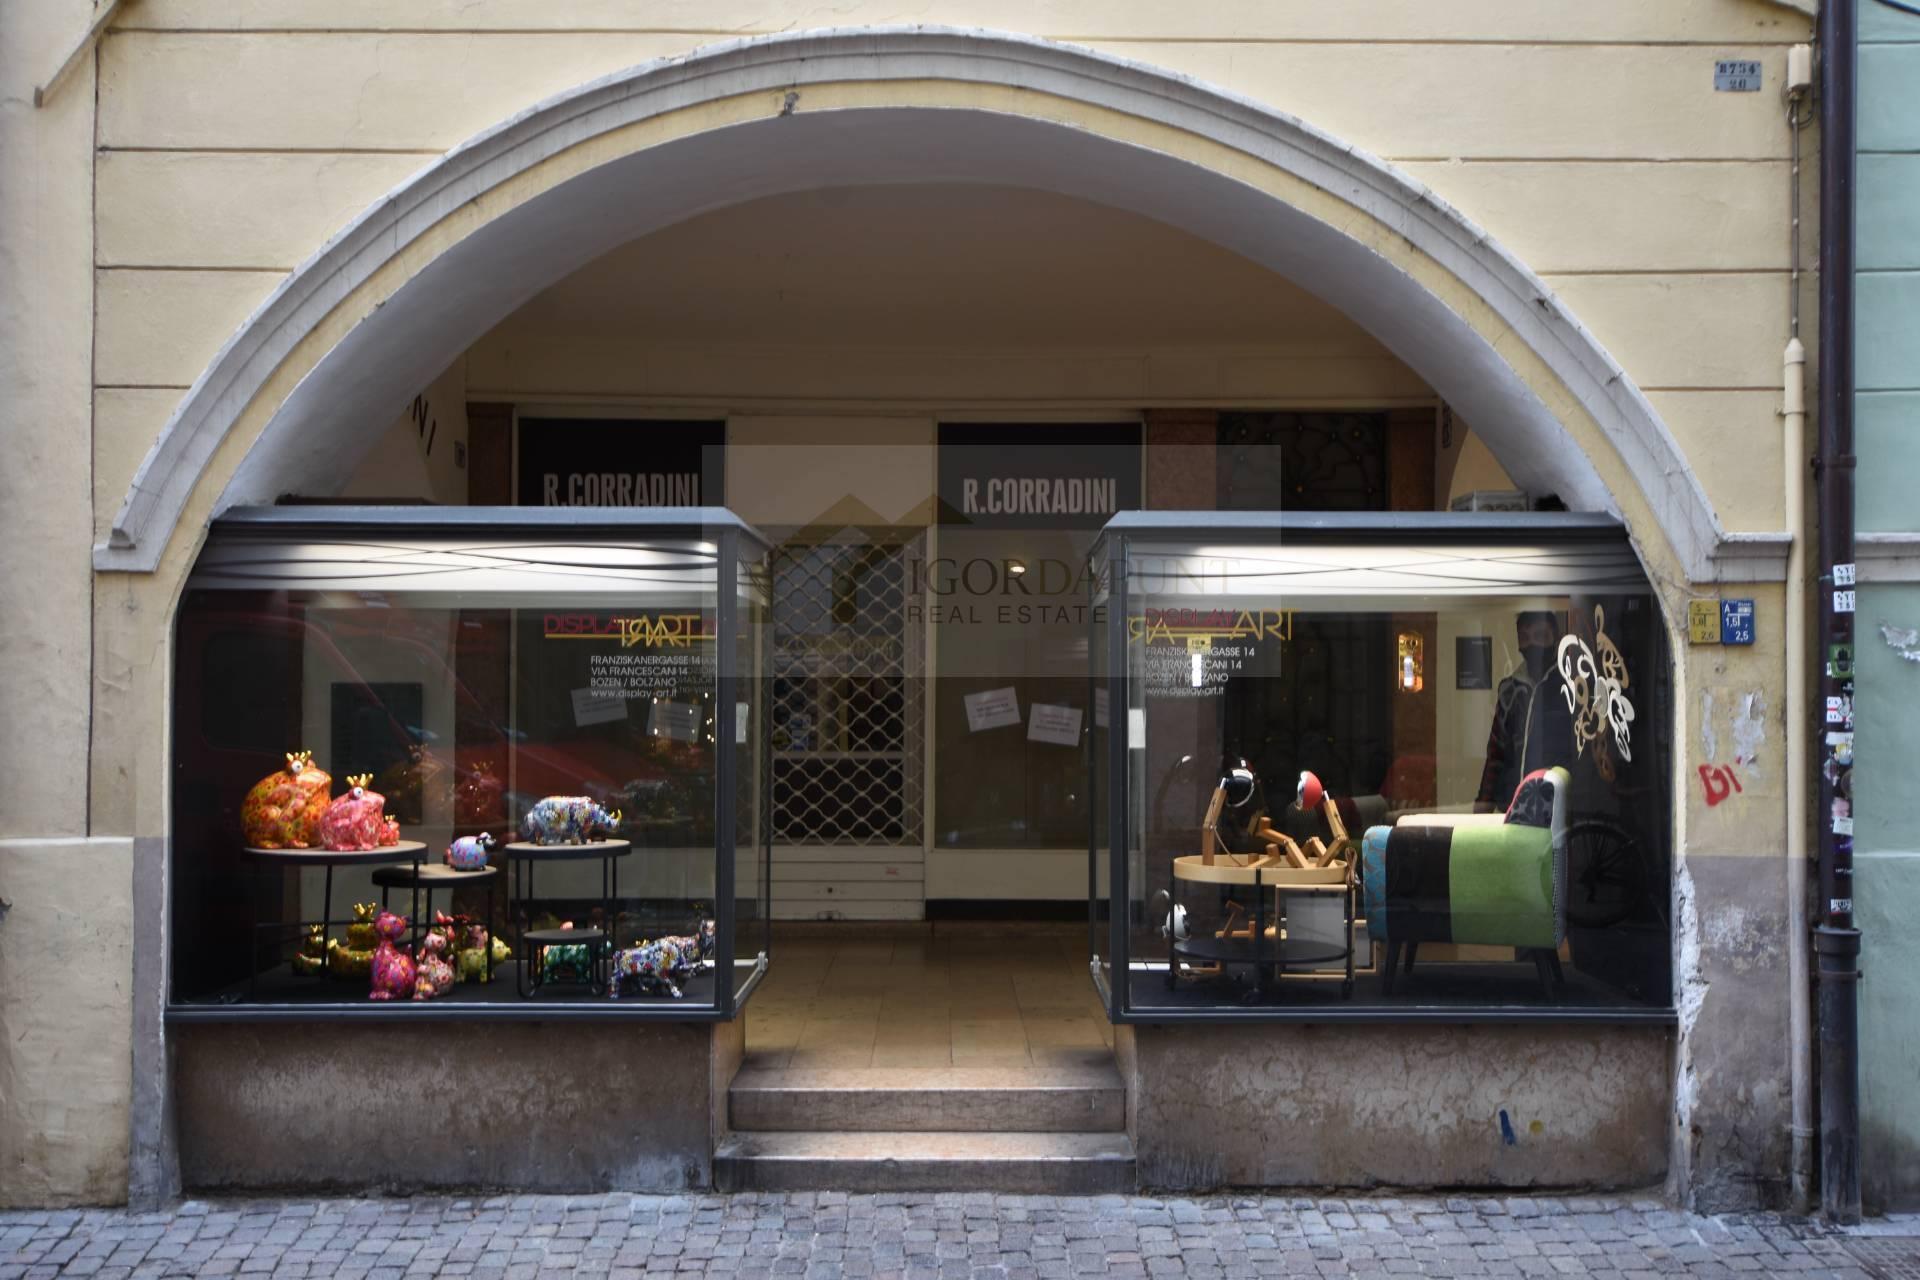 Locale commerciale in Affitto a Bolzano - Bozen Cod. 328